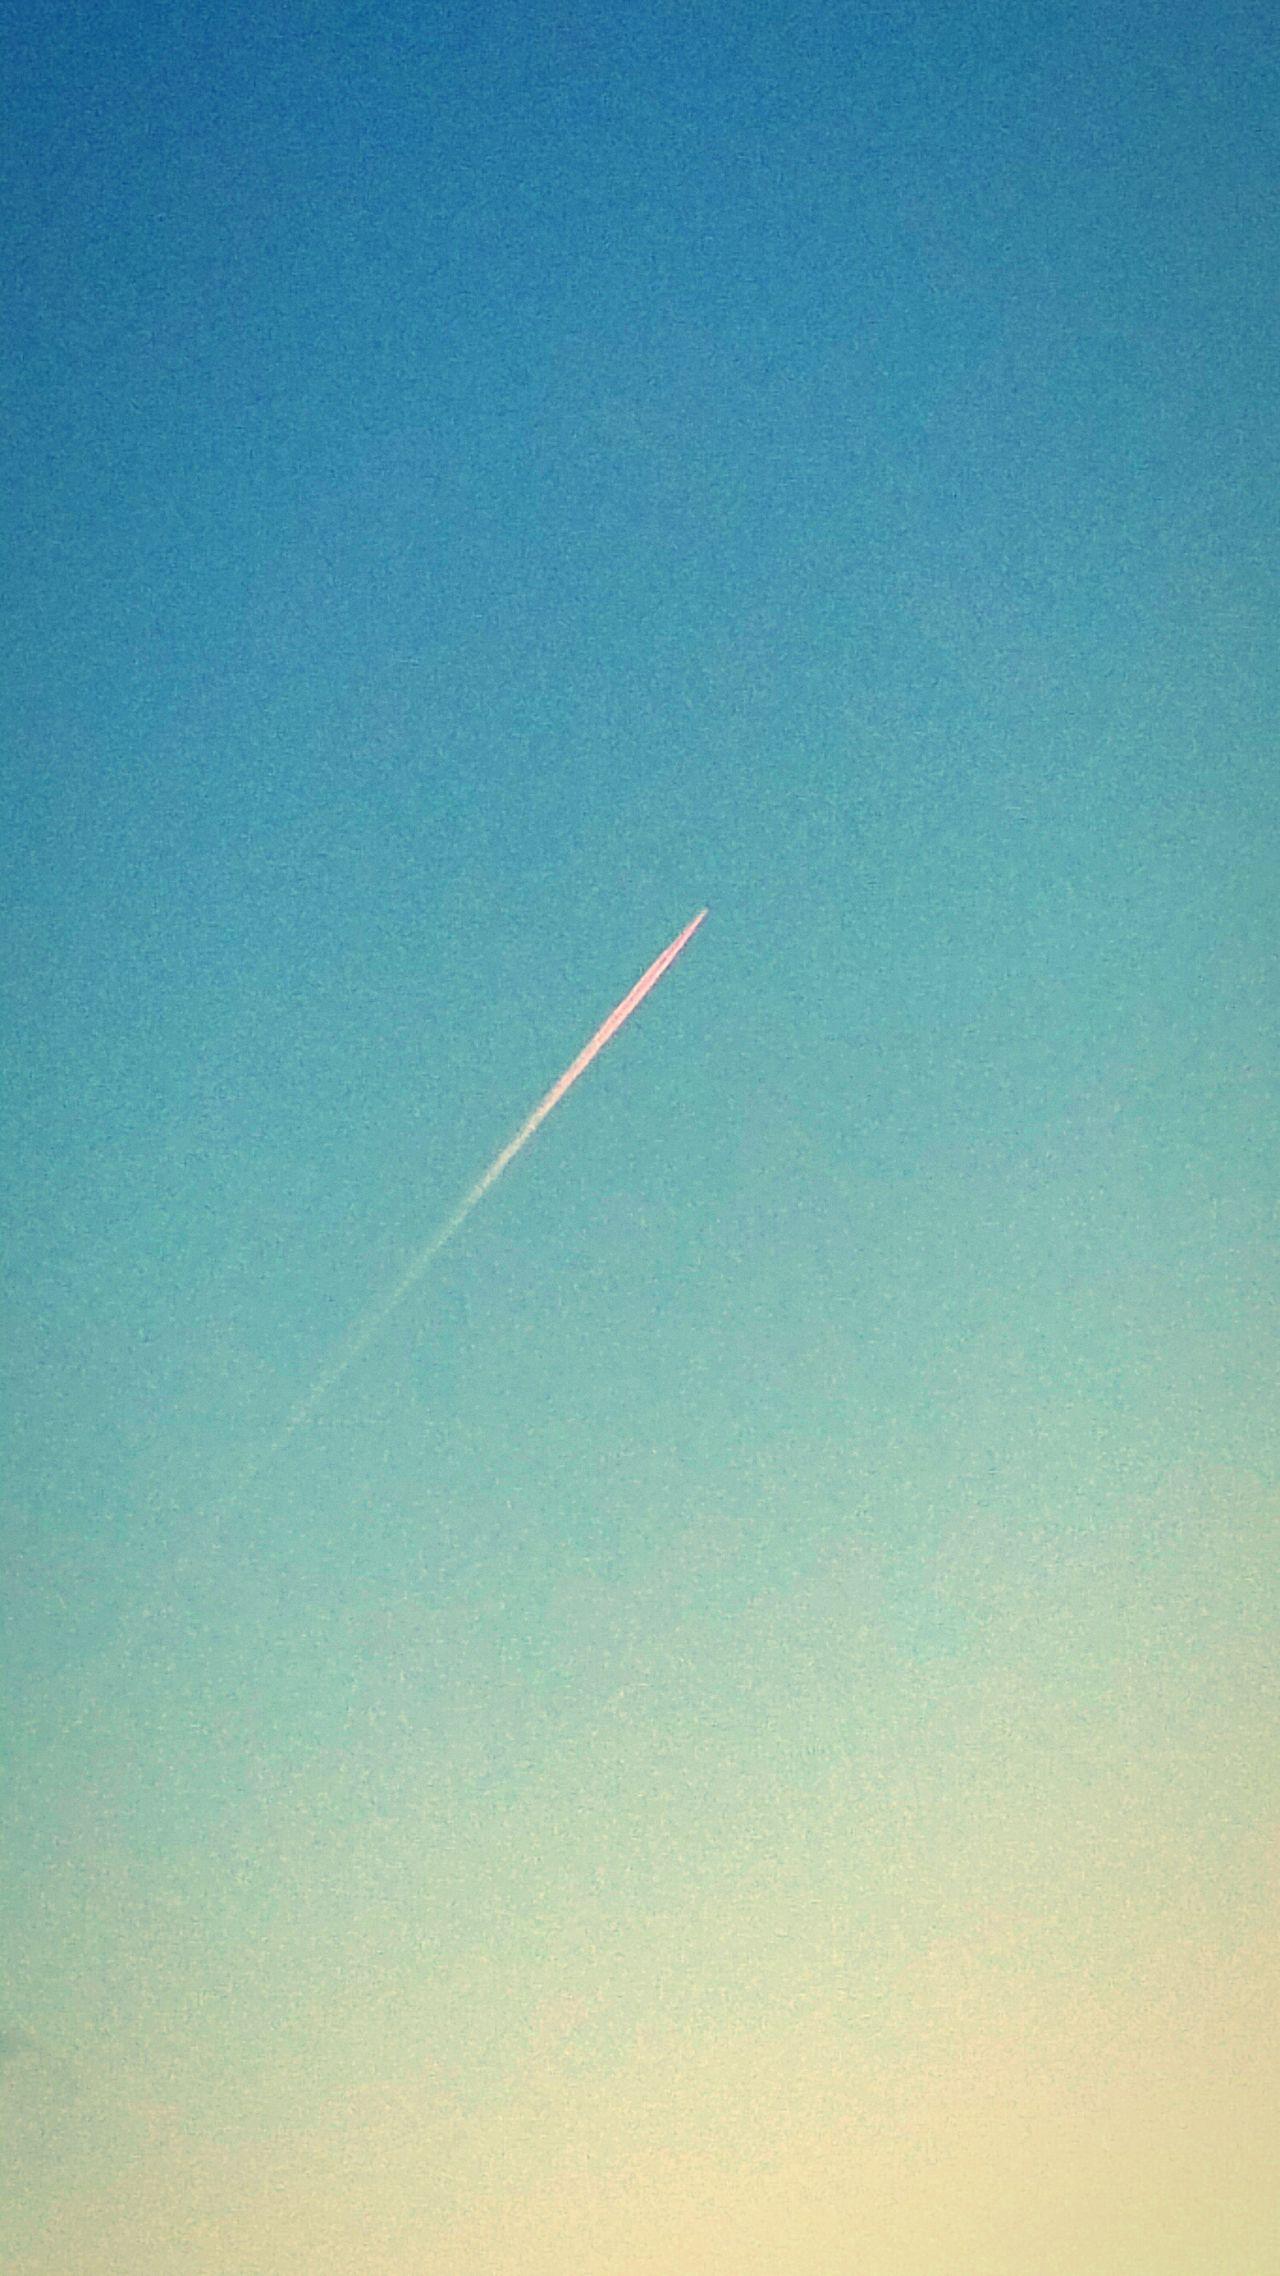 35.ooofeet Plane Contrails Sky